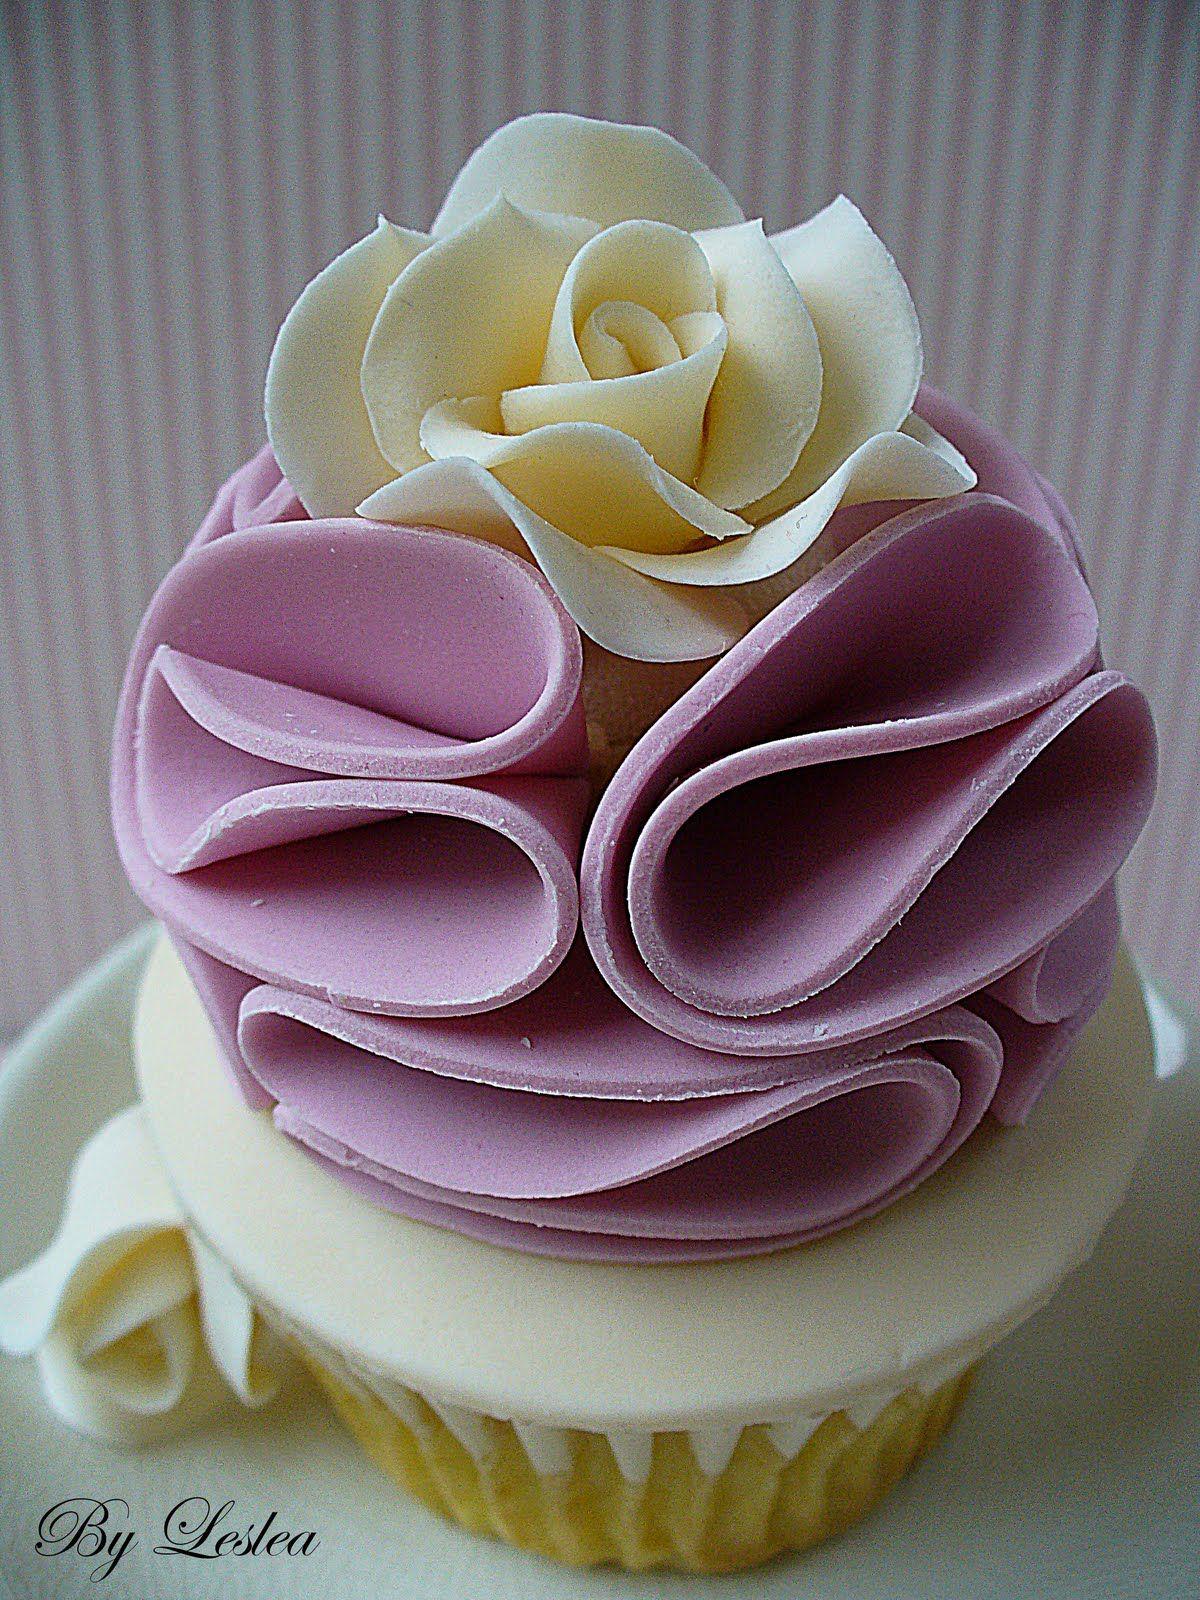 Beautiful ruffled cupcake